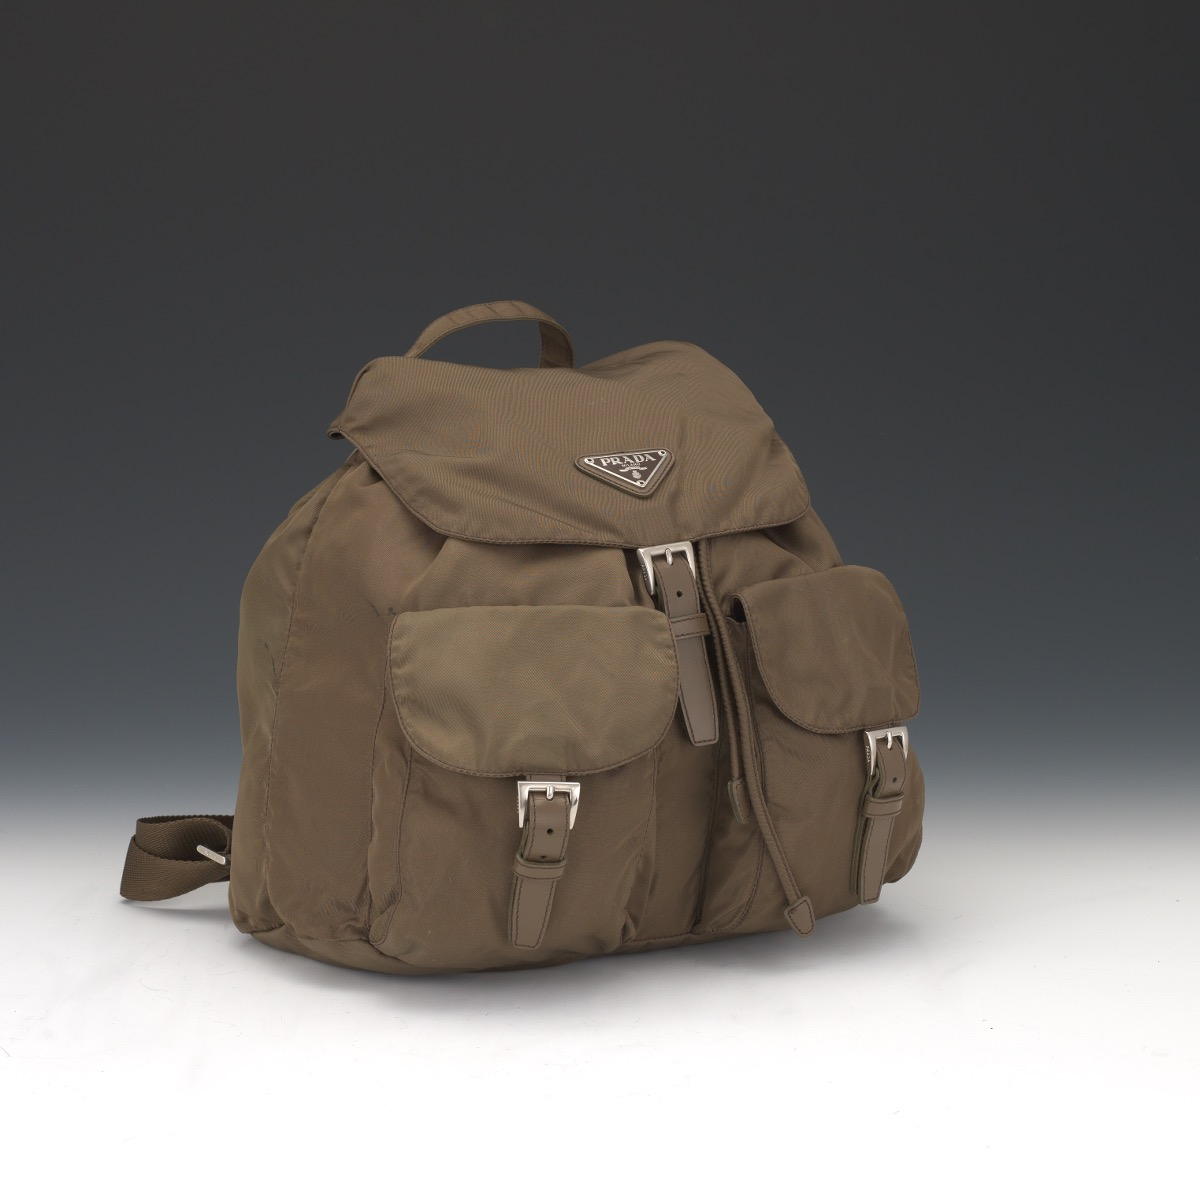 dae8d26af871 Prada Vela Green Nylon Backpack, 10.29.16, Sold: $542.8